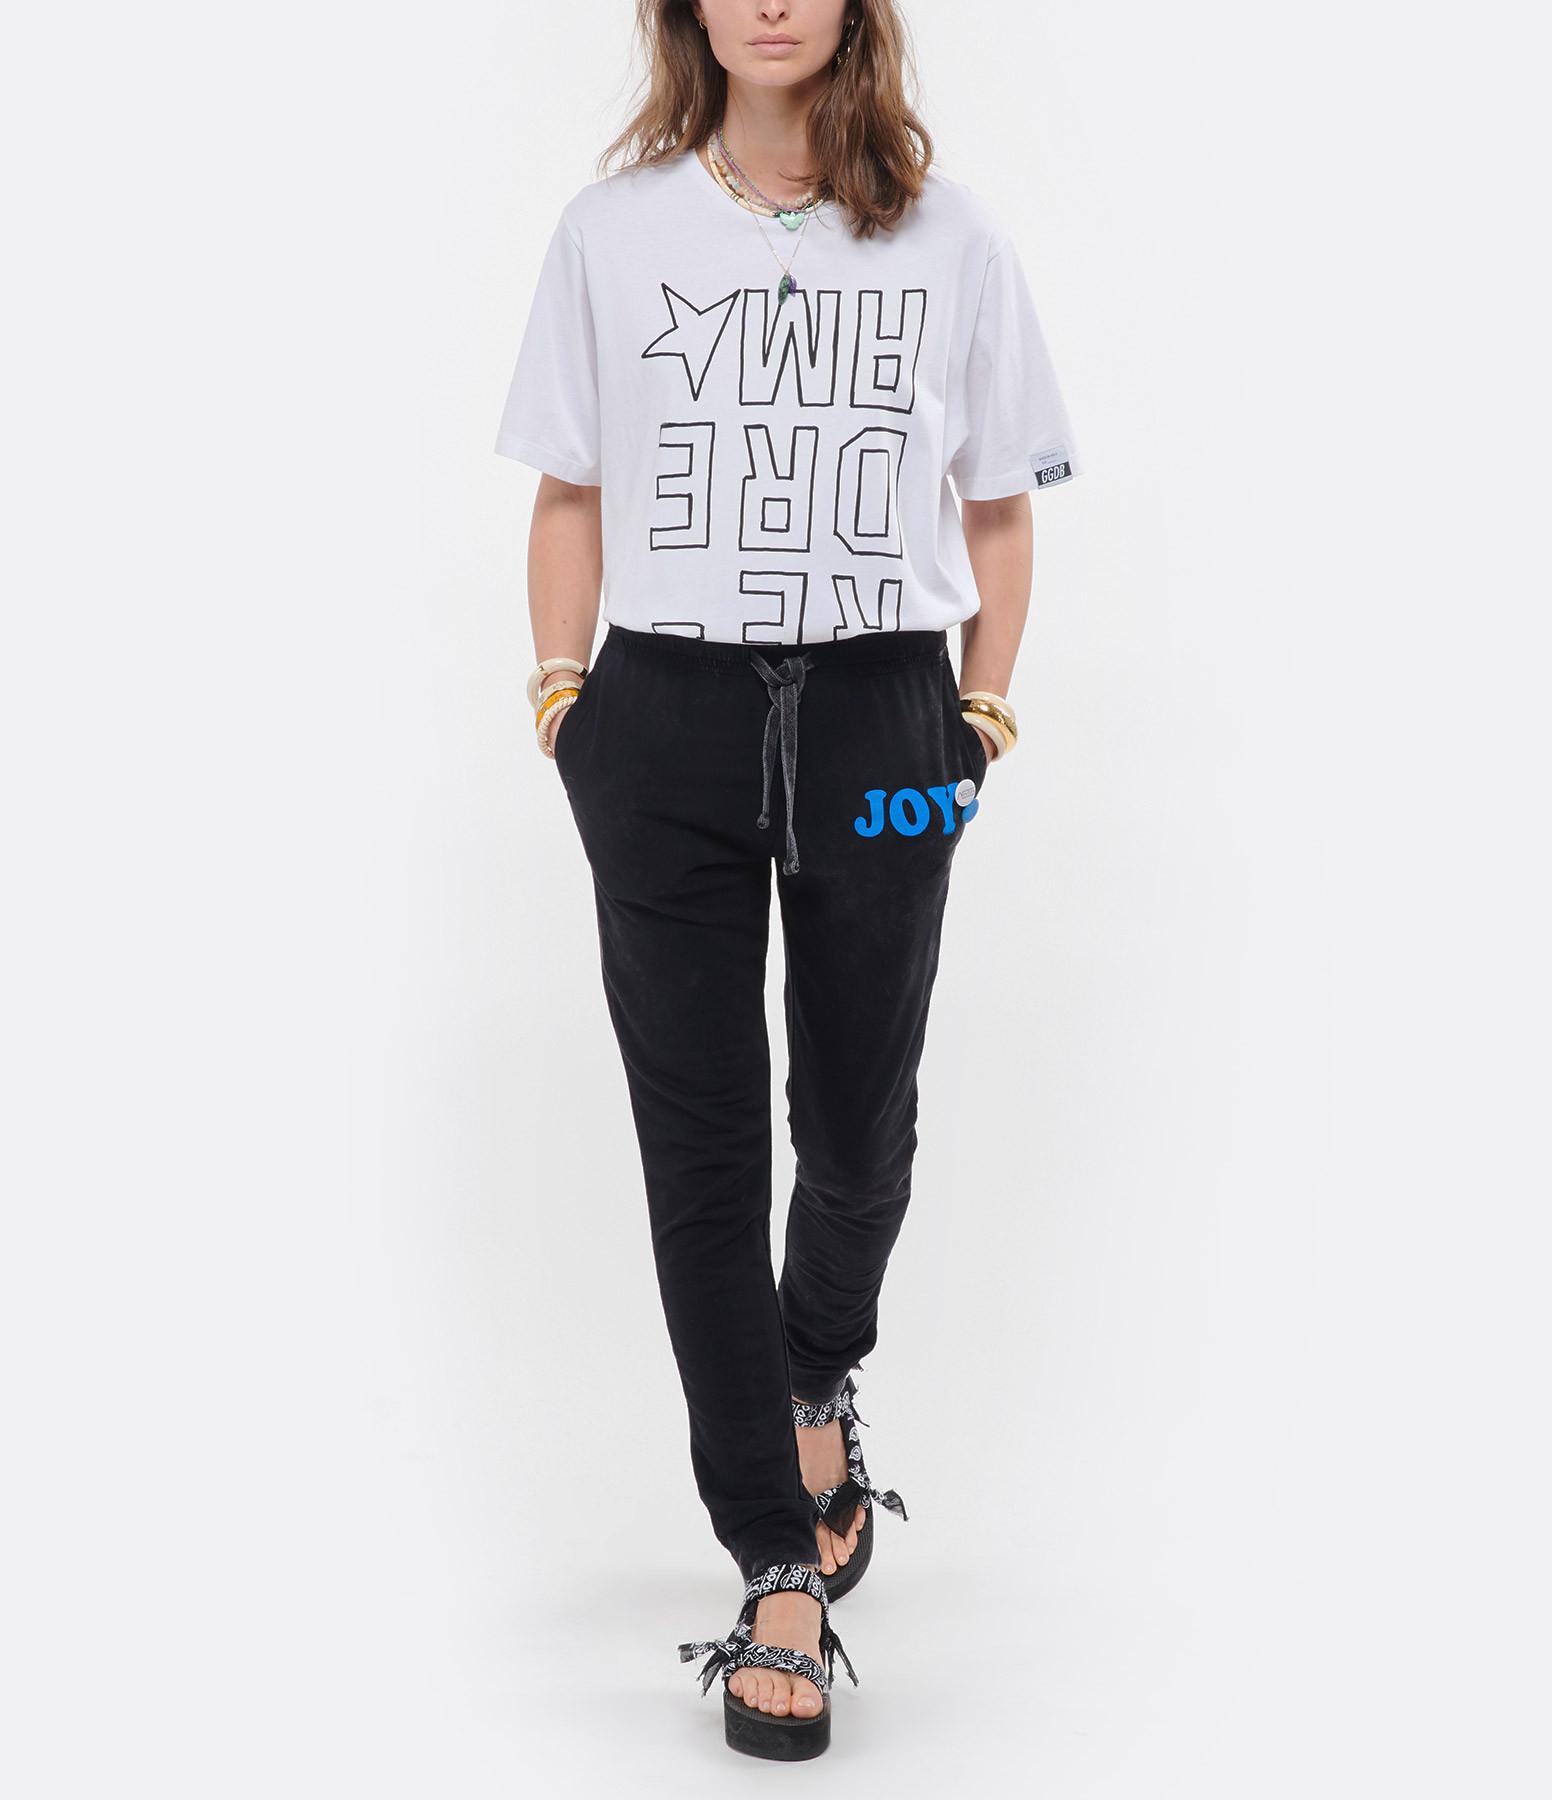 GOLDEN GOOSE - Tee-shirt Aira Dreamer Coton Blanc